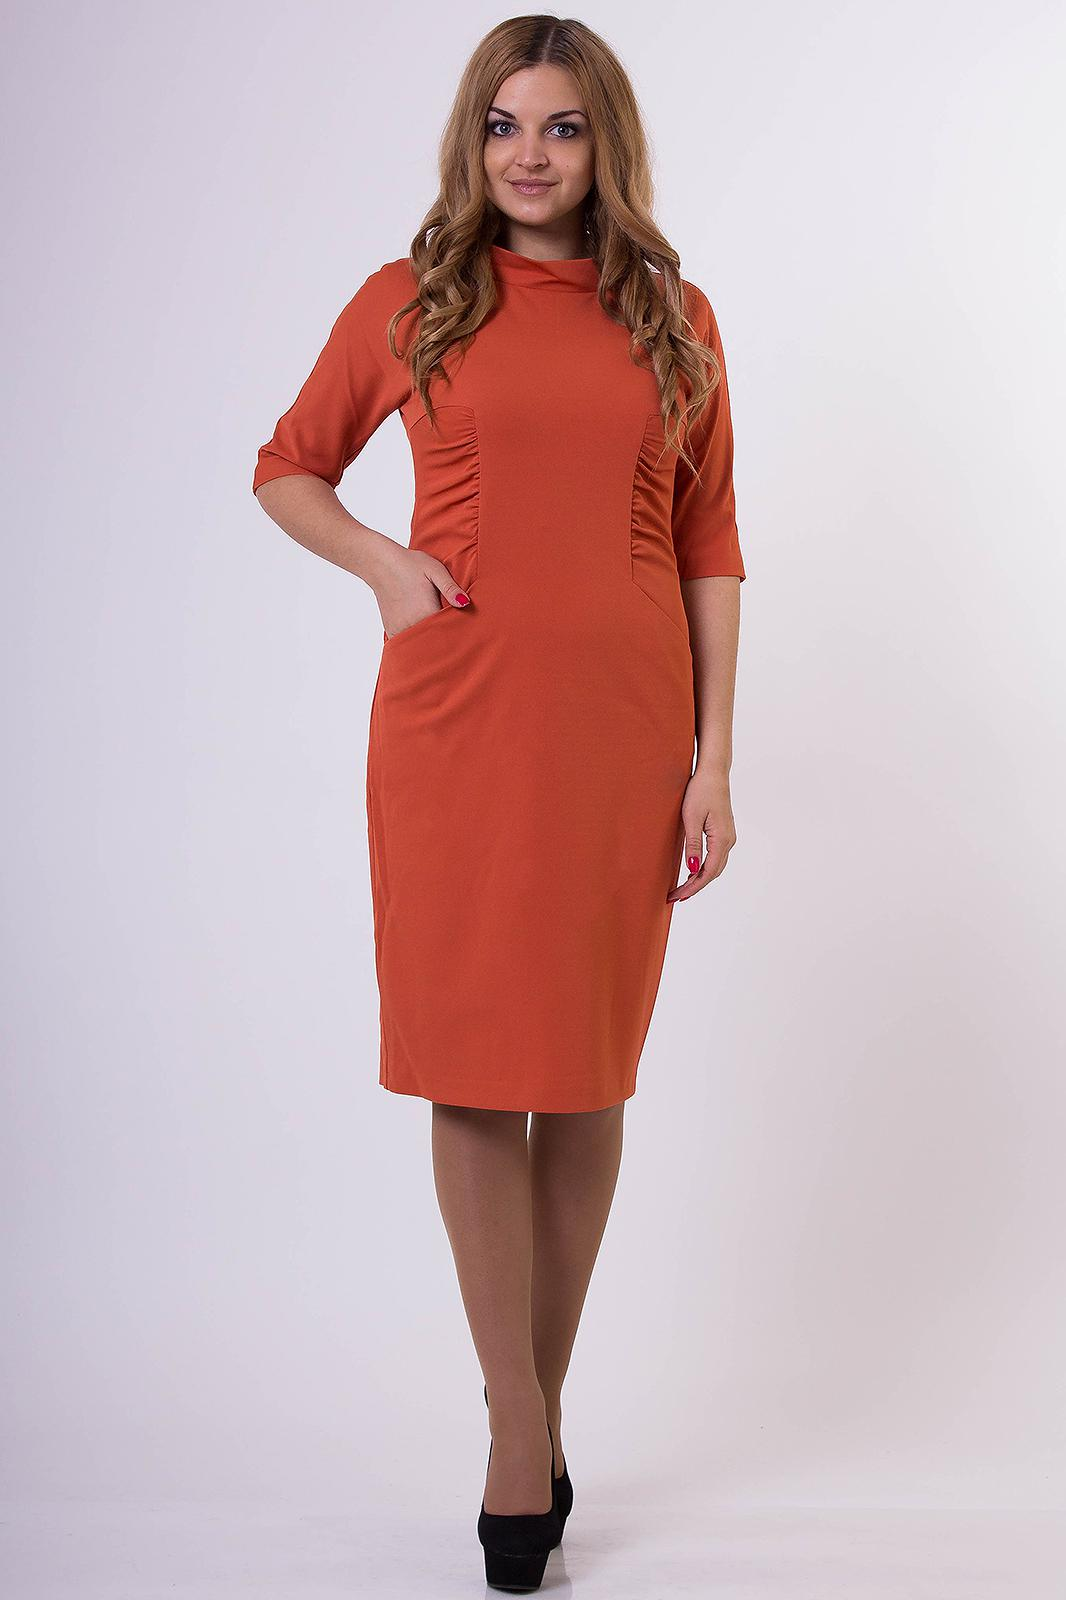 Купить Платье Anna, 768 терракотовый., Беларусь